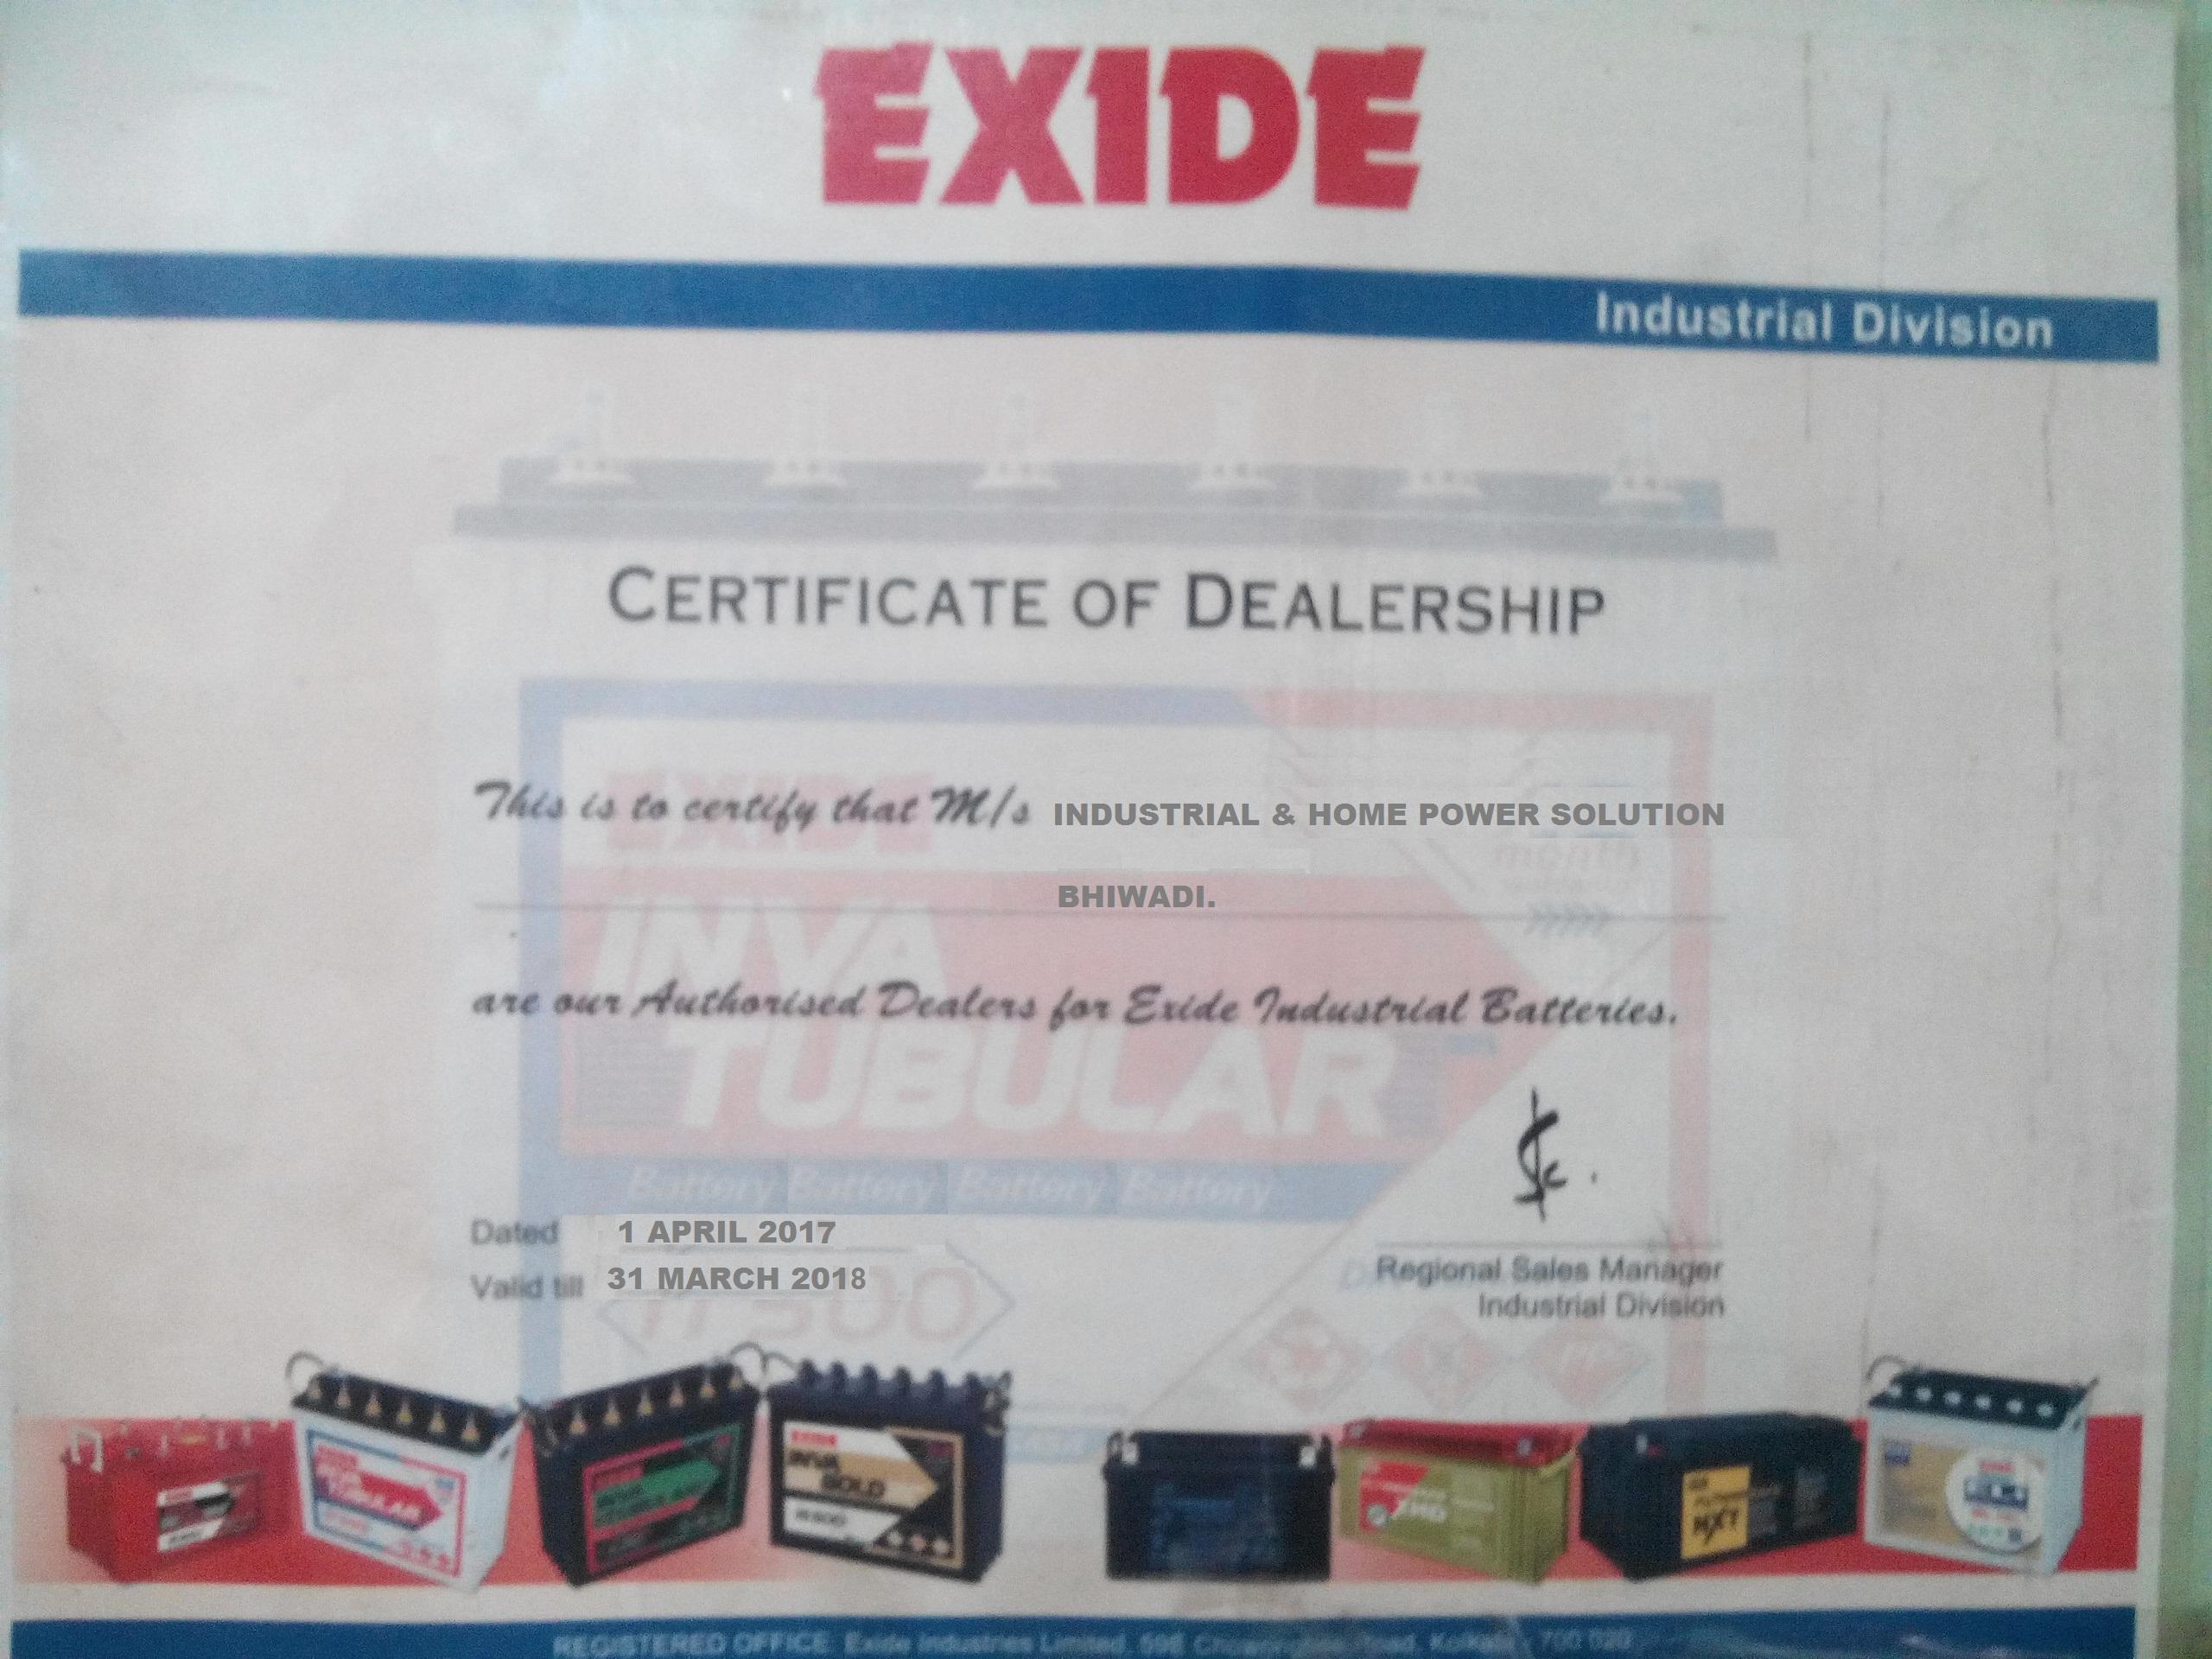 IHPS IND Exide Certificate